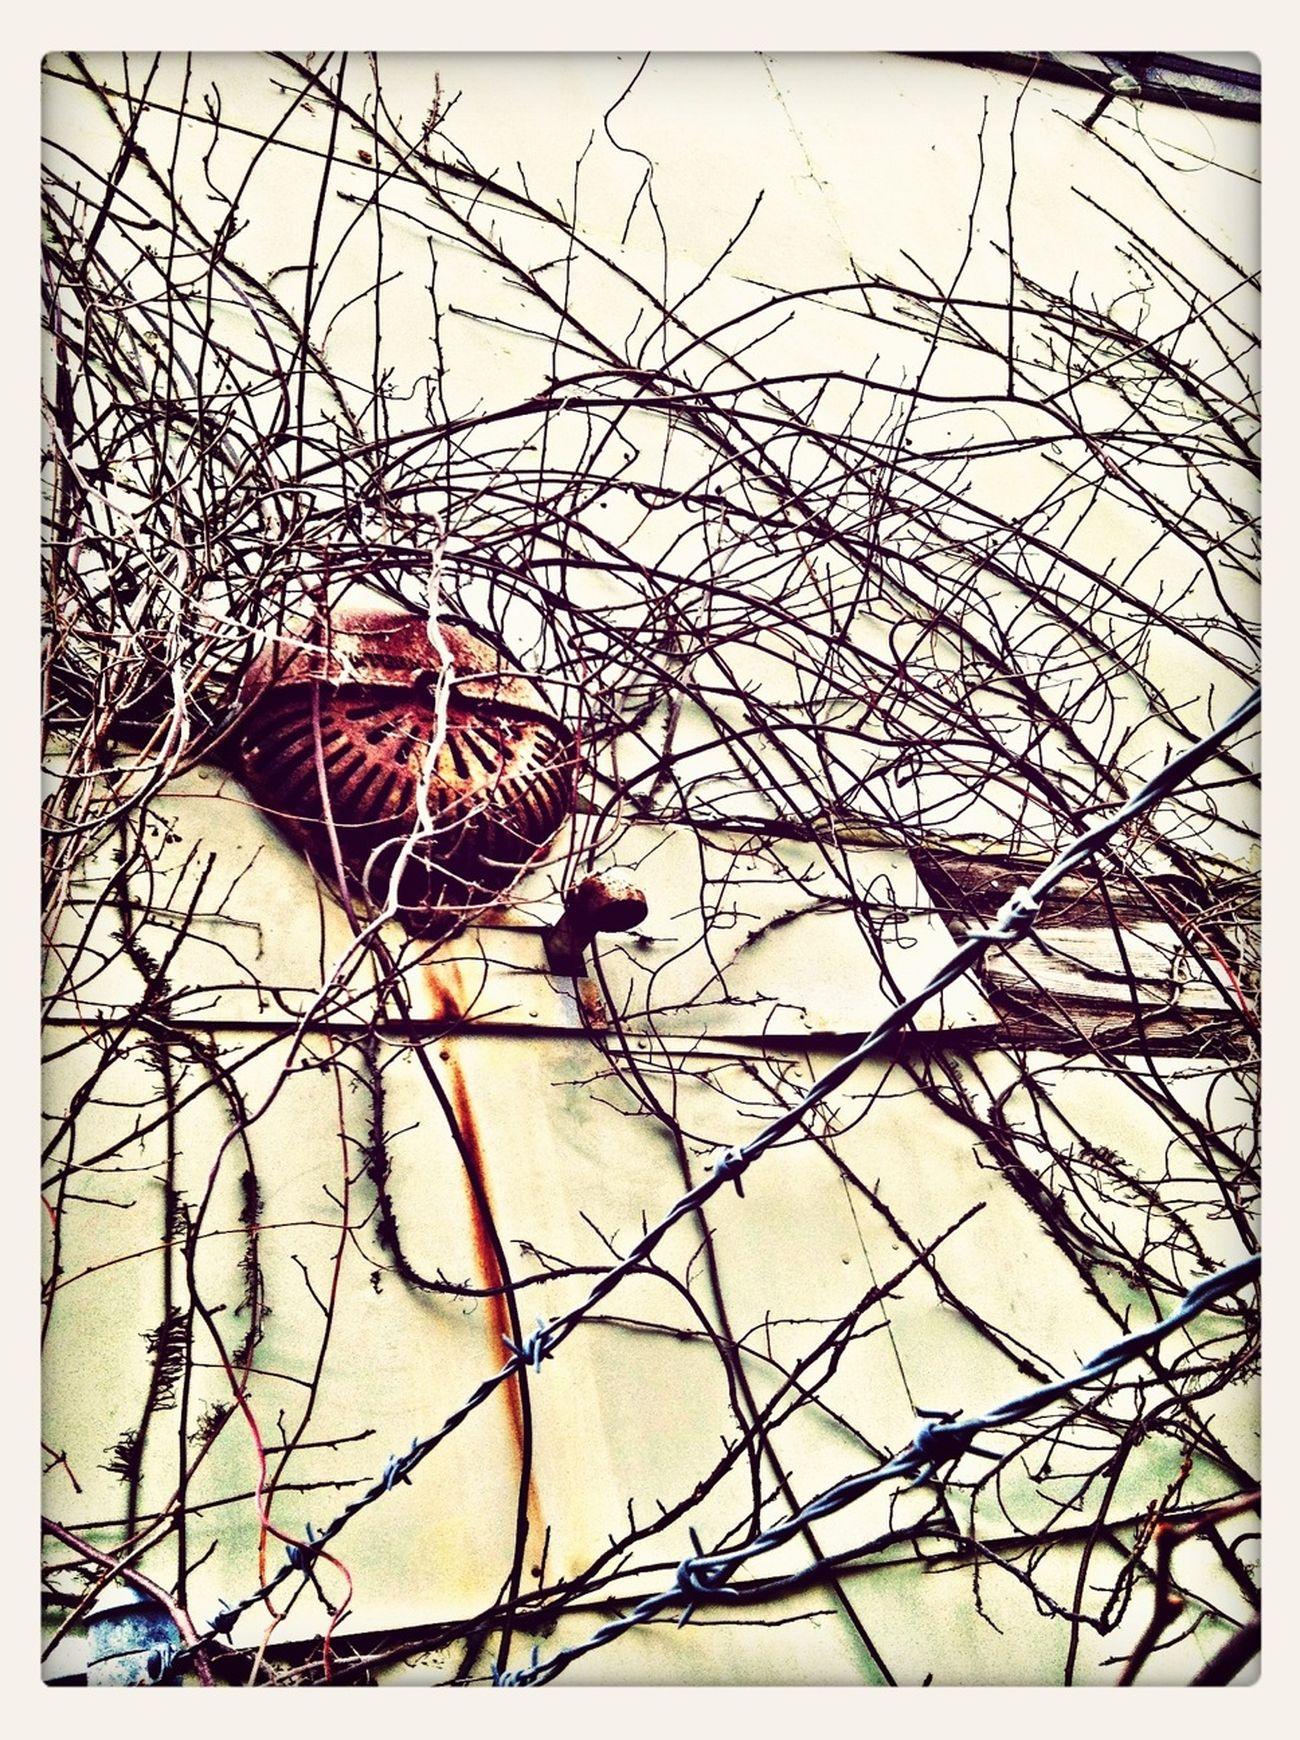 Streetphotography Abandoned Urban Exploration AMPt - Abandon